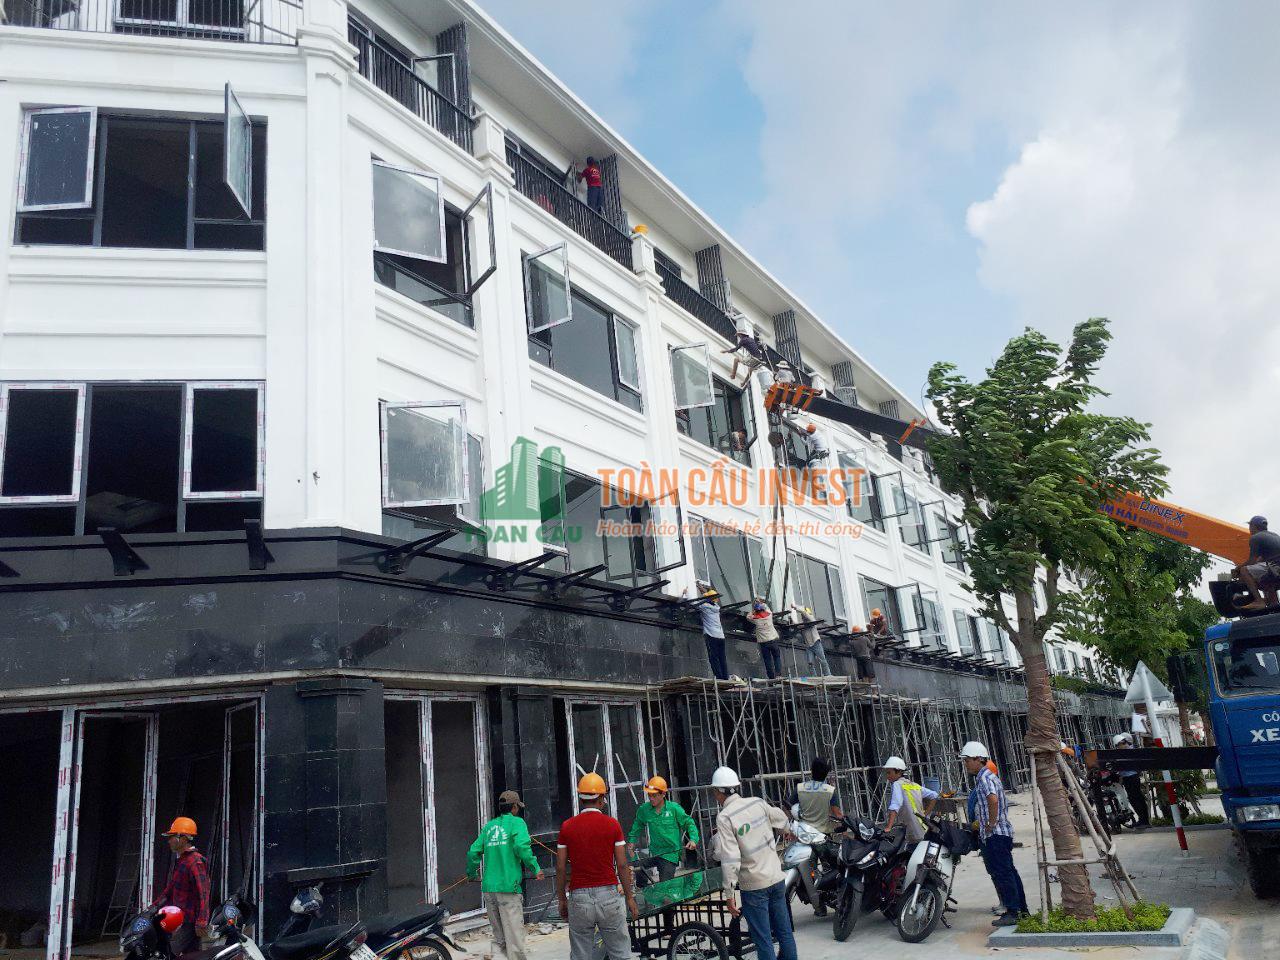 thi công nhôm kính dự án apec Toan Cau Invest